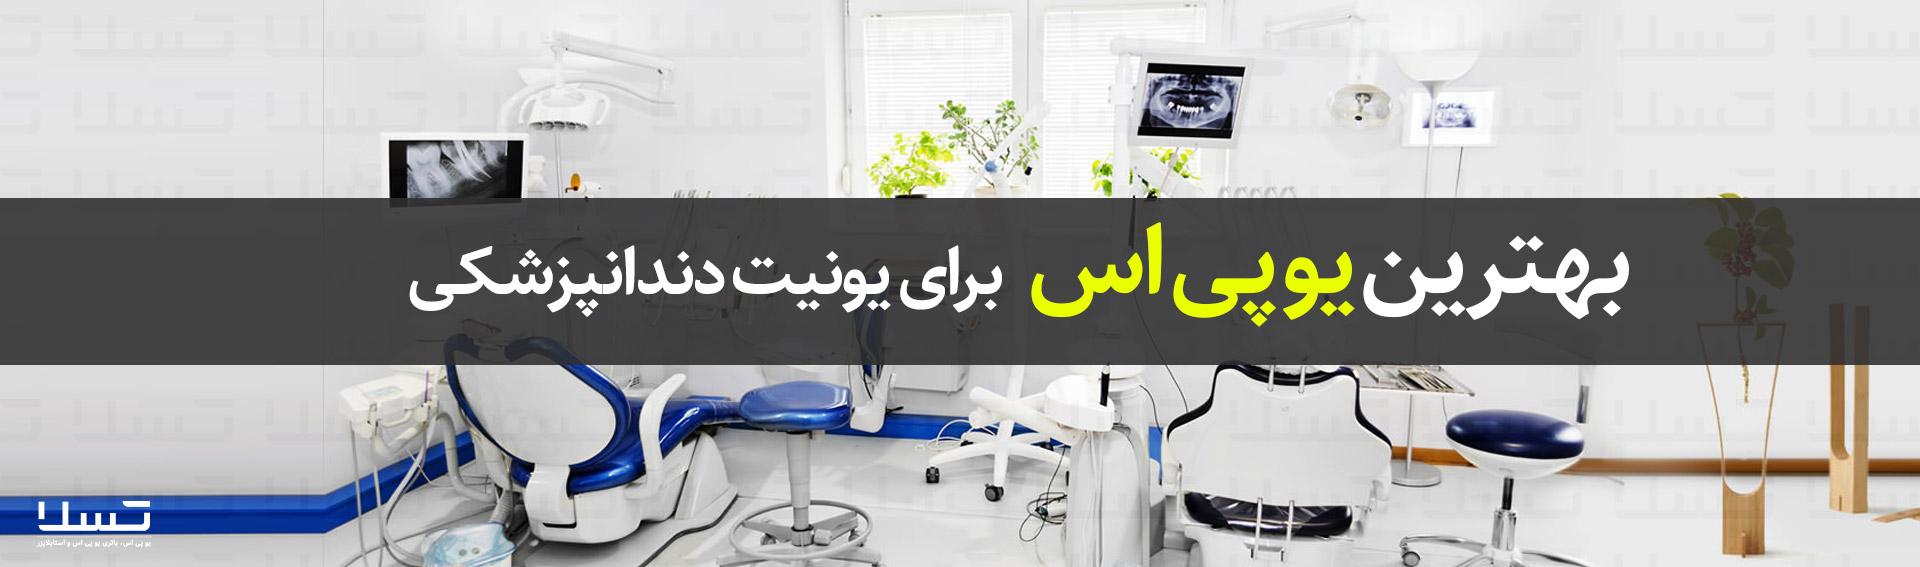 بهترین یو پی اس برای تجهیزات و یونیت دندان پزشکی